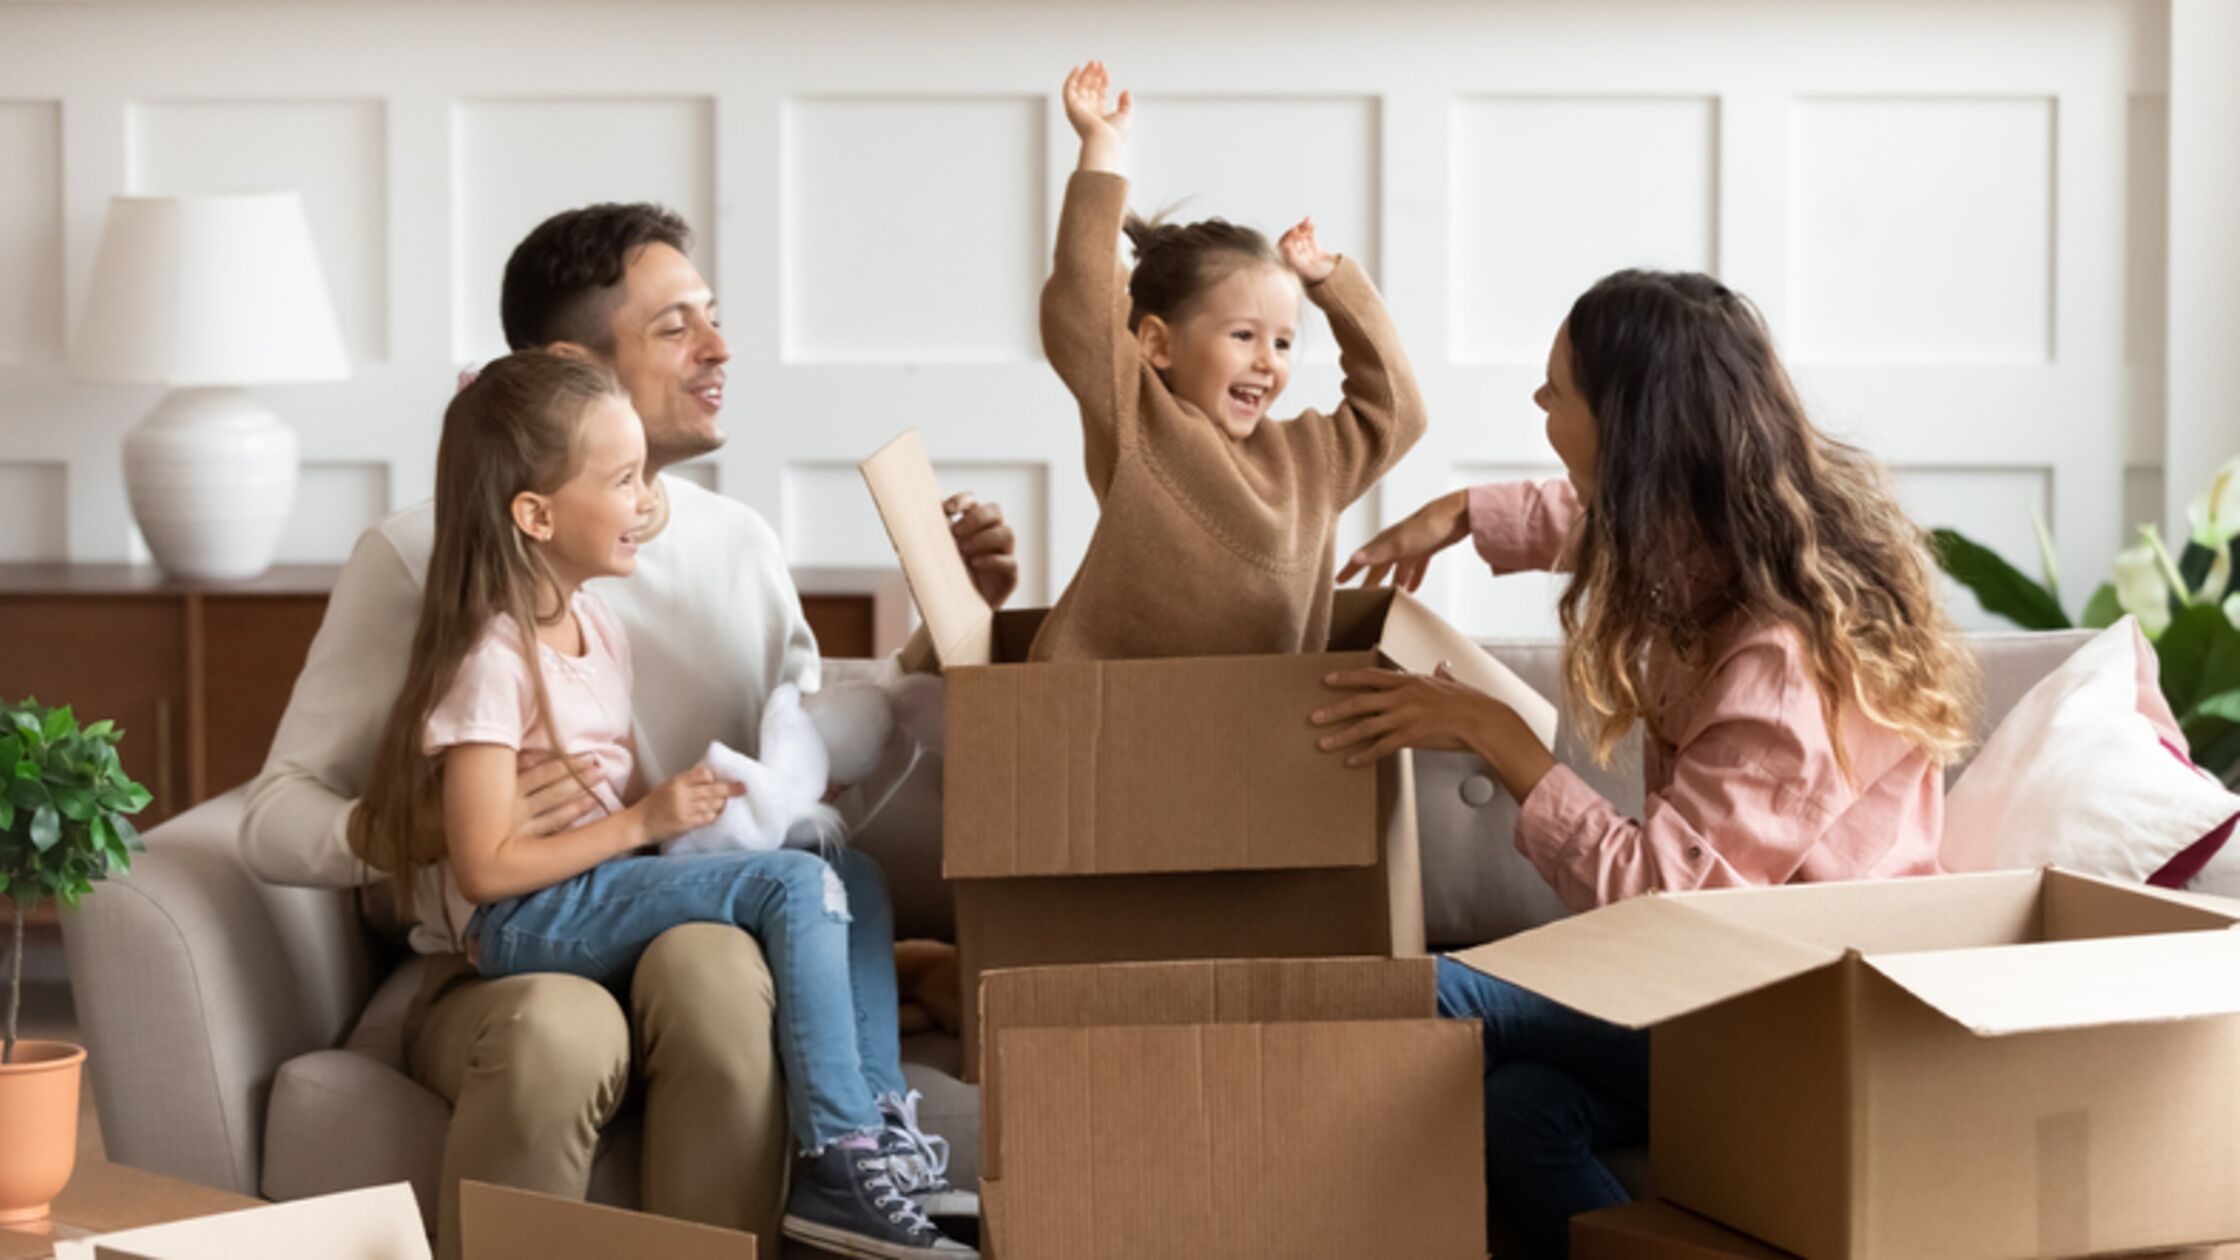 Familie freut sich über neues Heim.